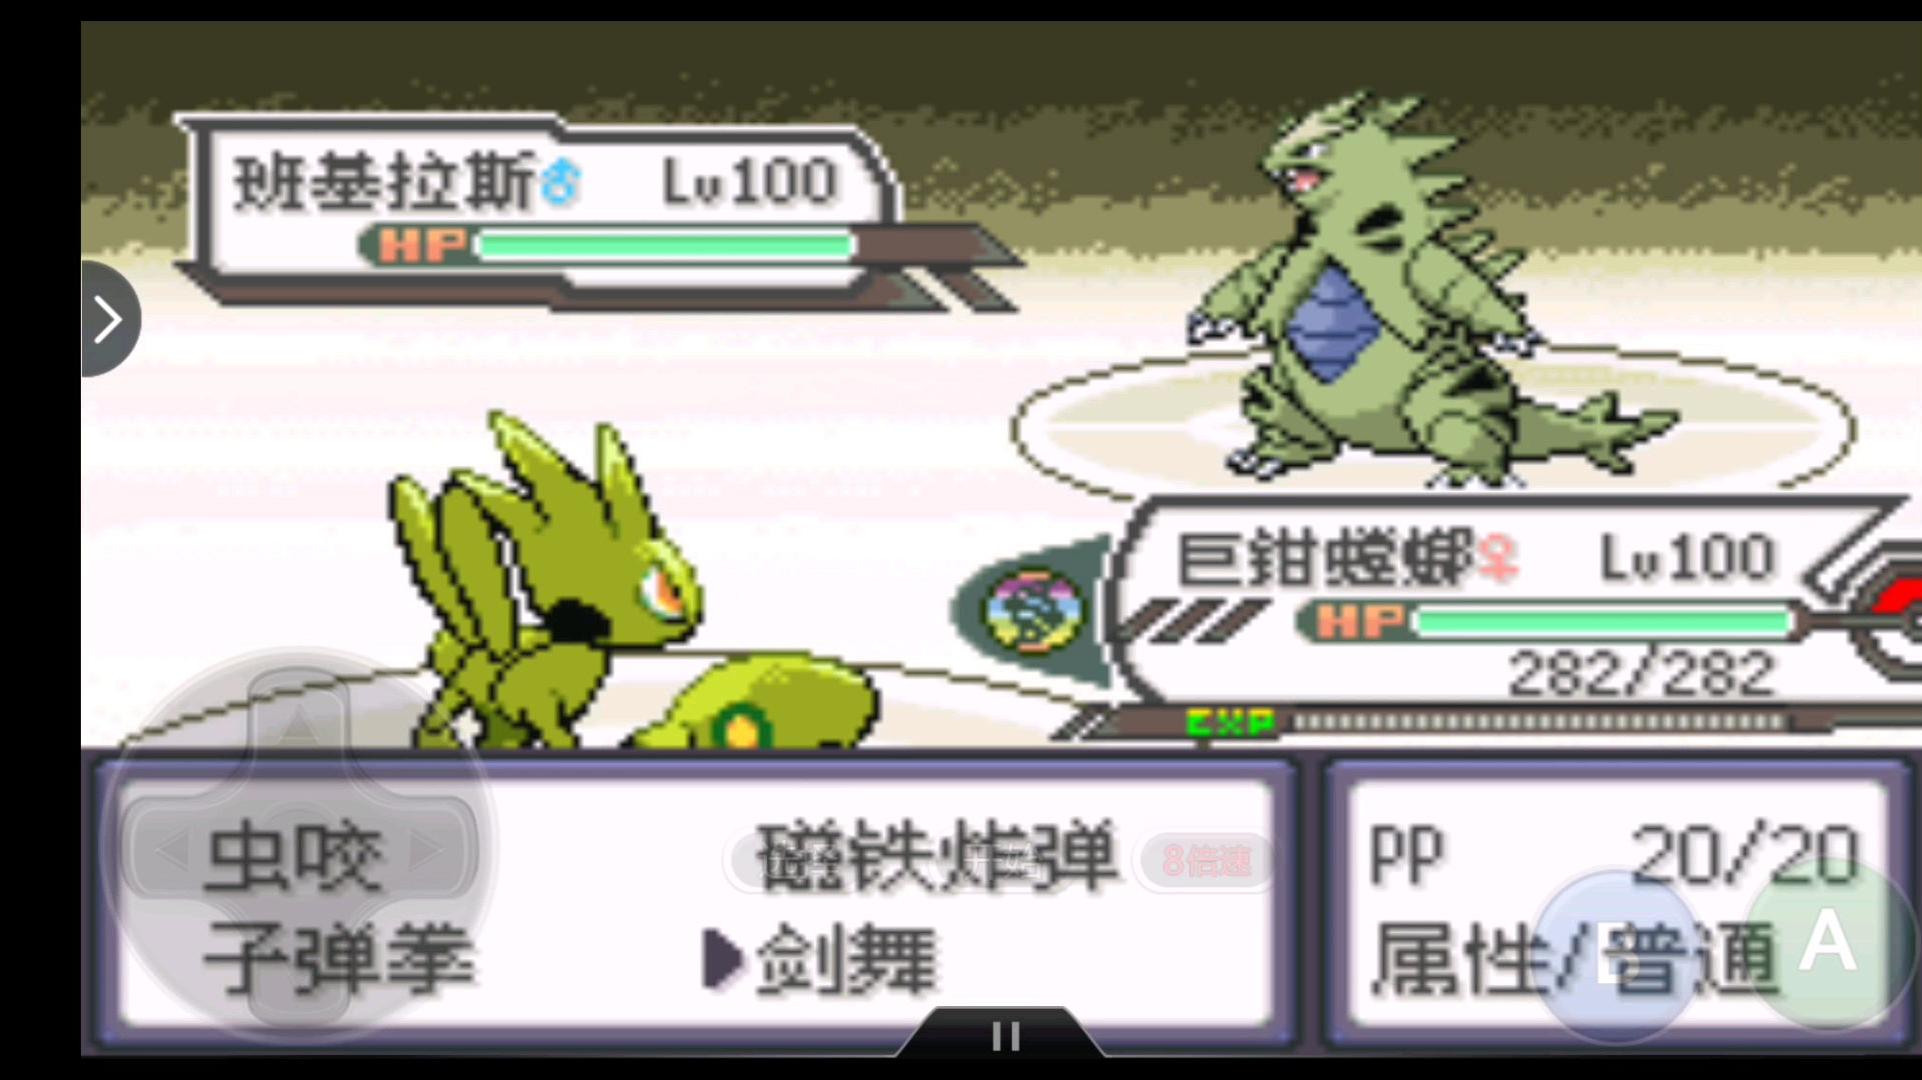 口袋妖怪究极绿宝石巨钜螳螂